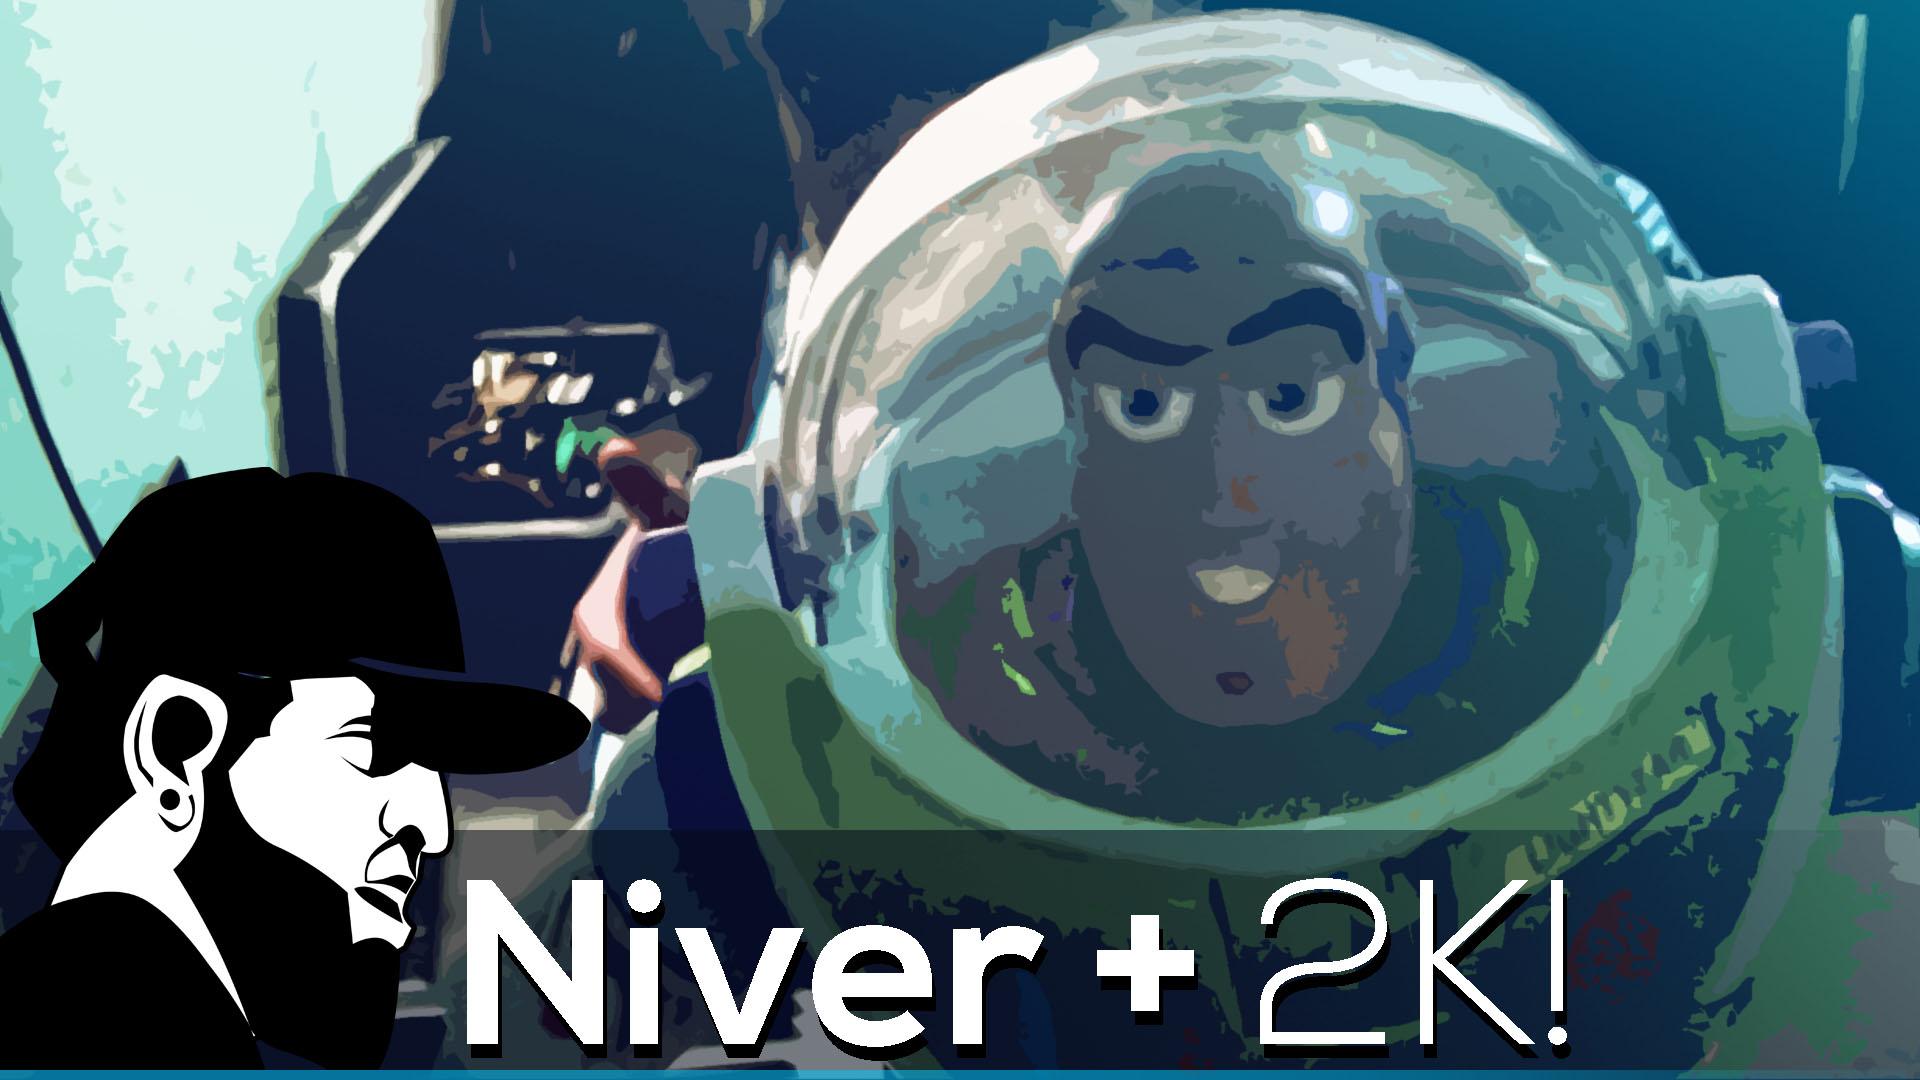 Comemoração Niver do Essias + 2k Inscritos – Confira Quem Ganhou Presente!